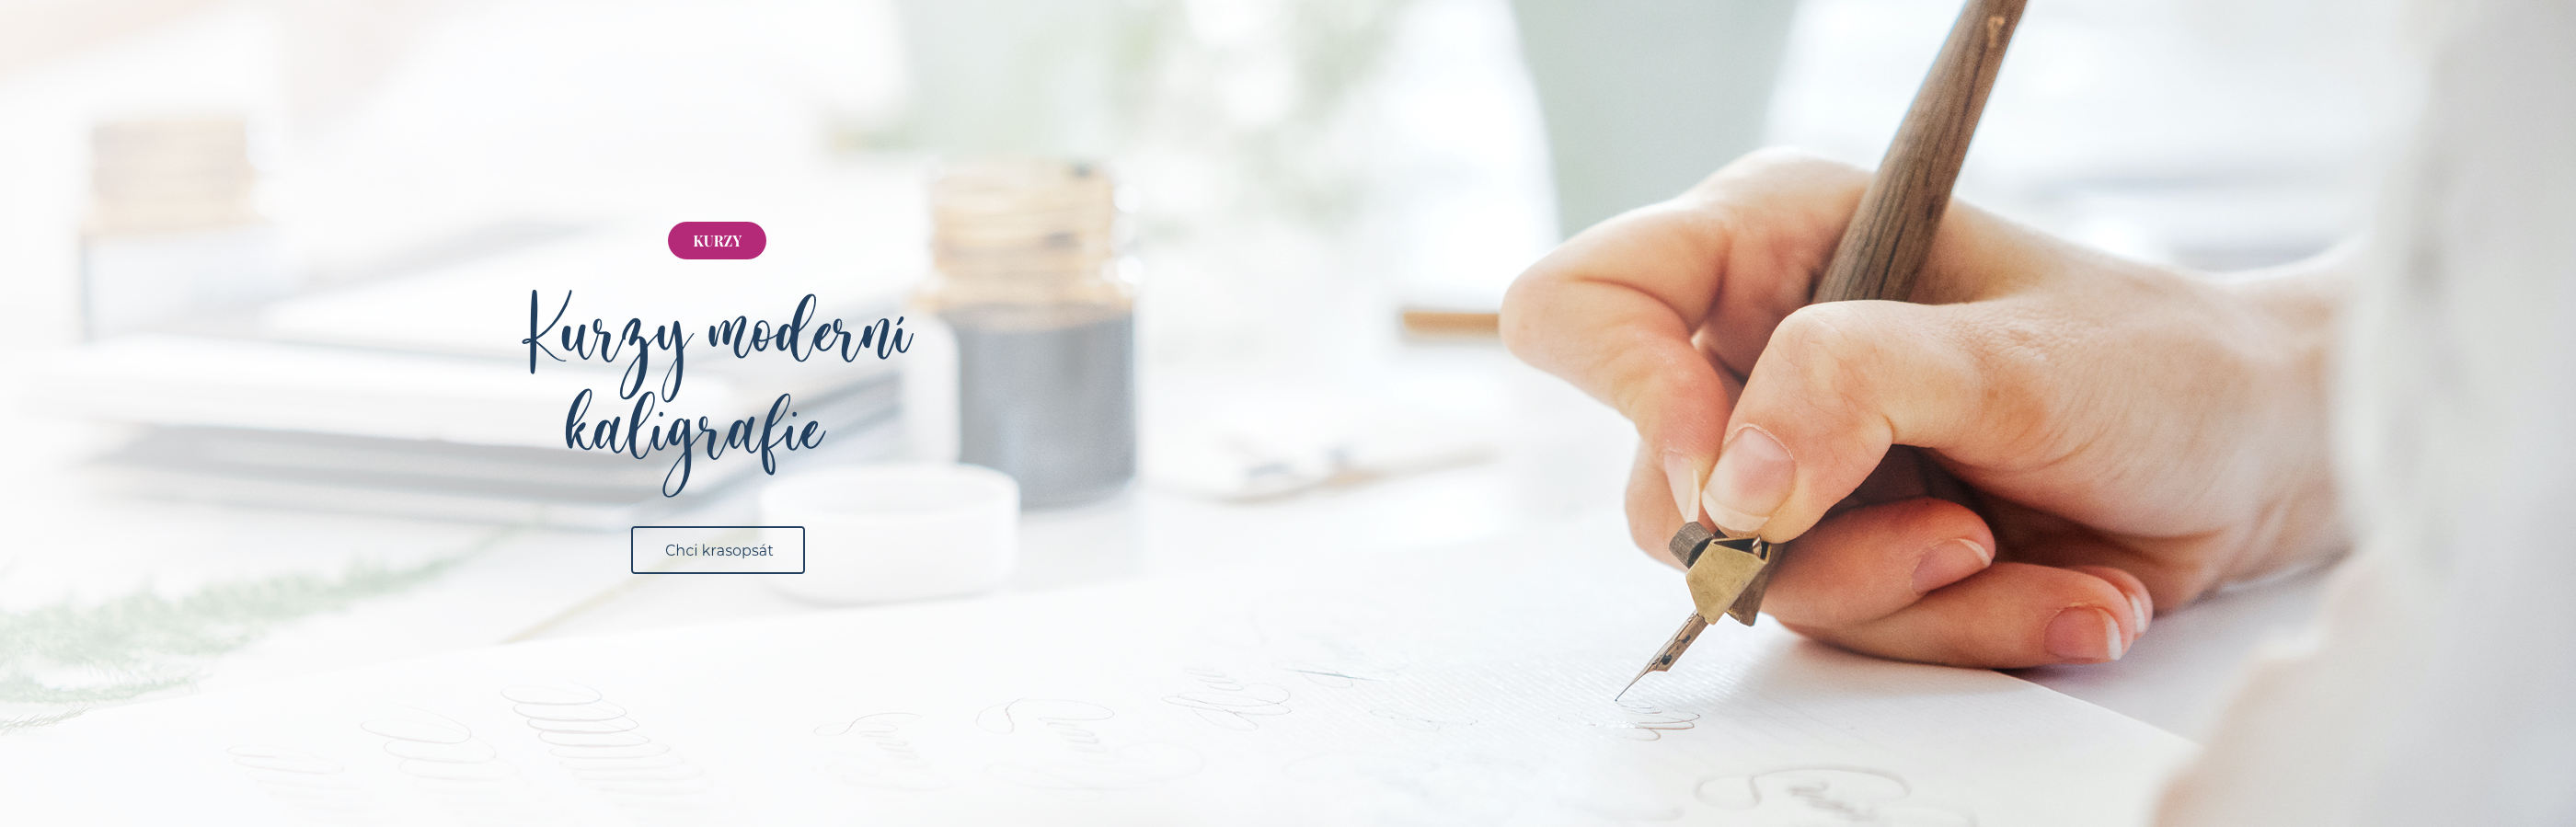 Kurzy moderní kaligrafie pro začátečníky i pokročilé